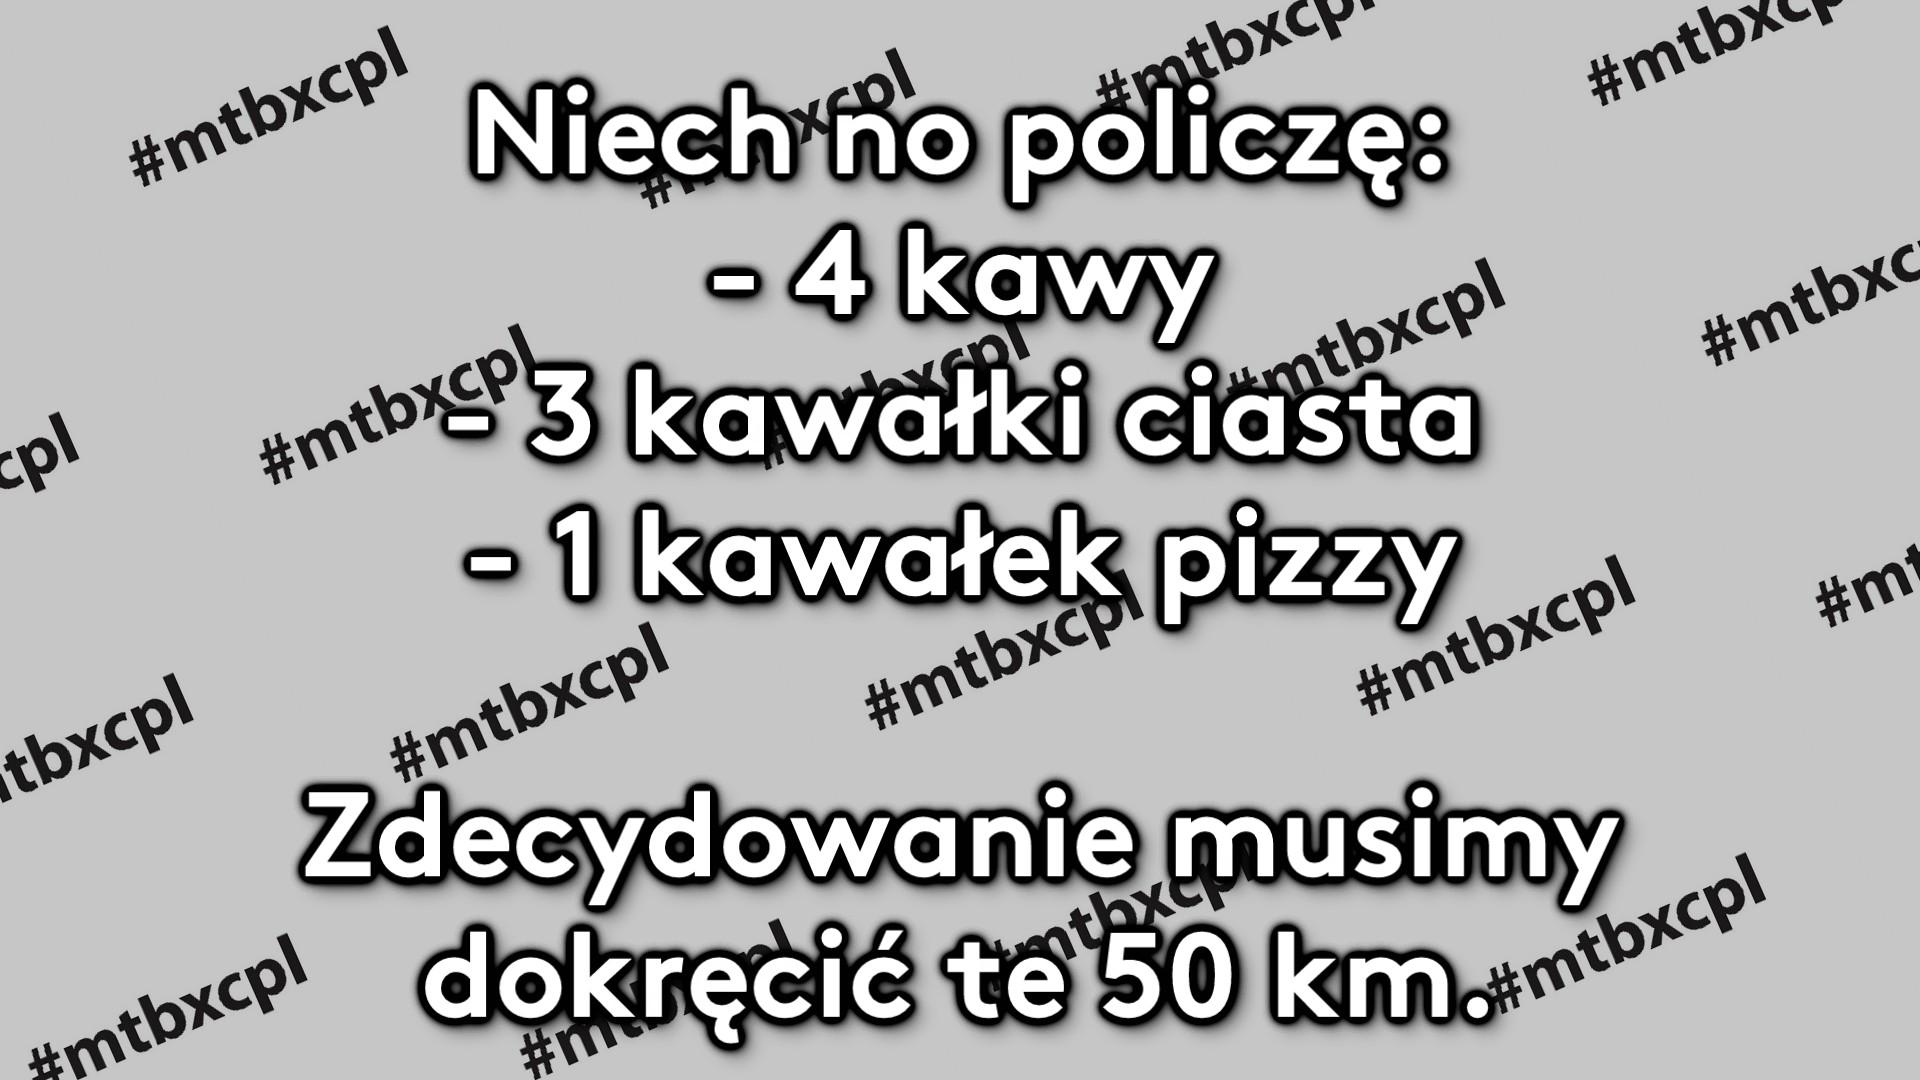 tekst mtbxcpl_000009